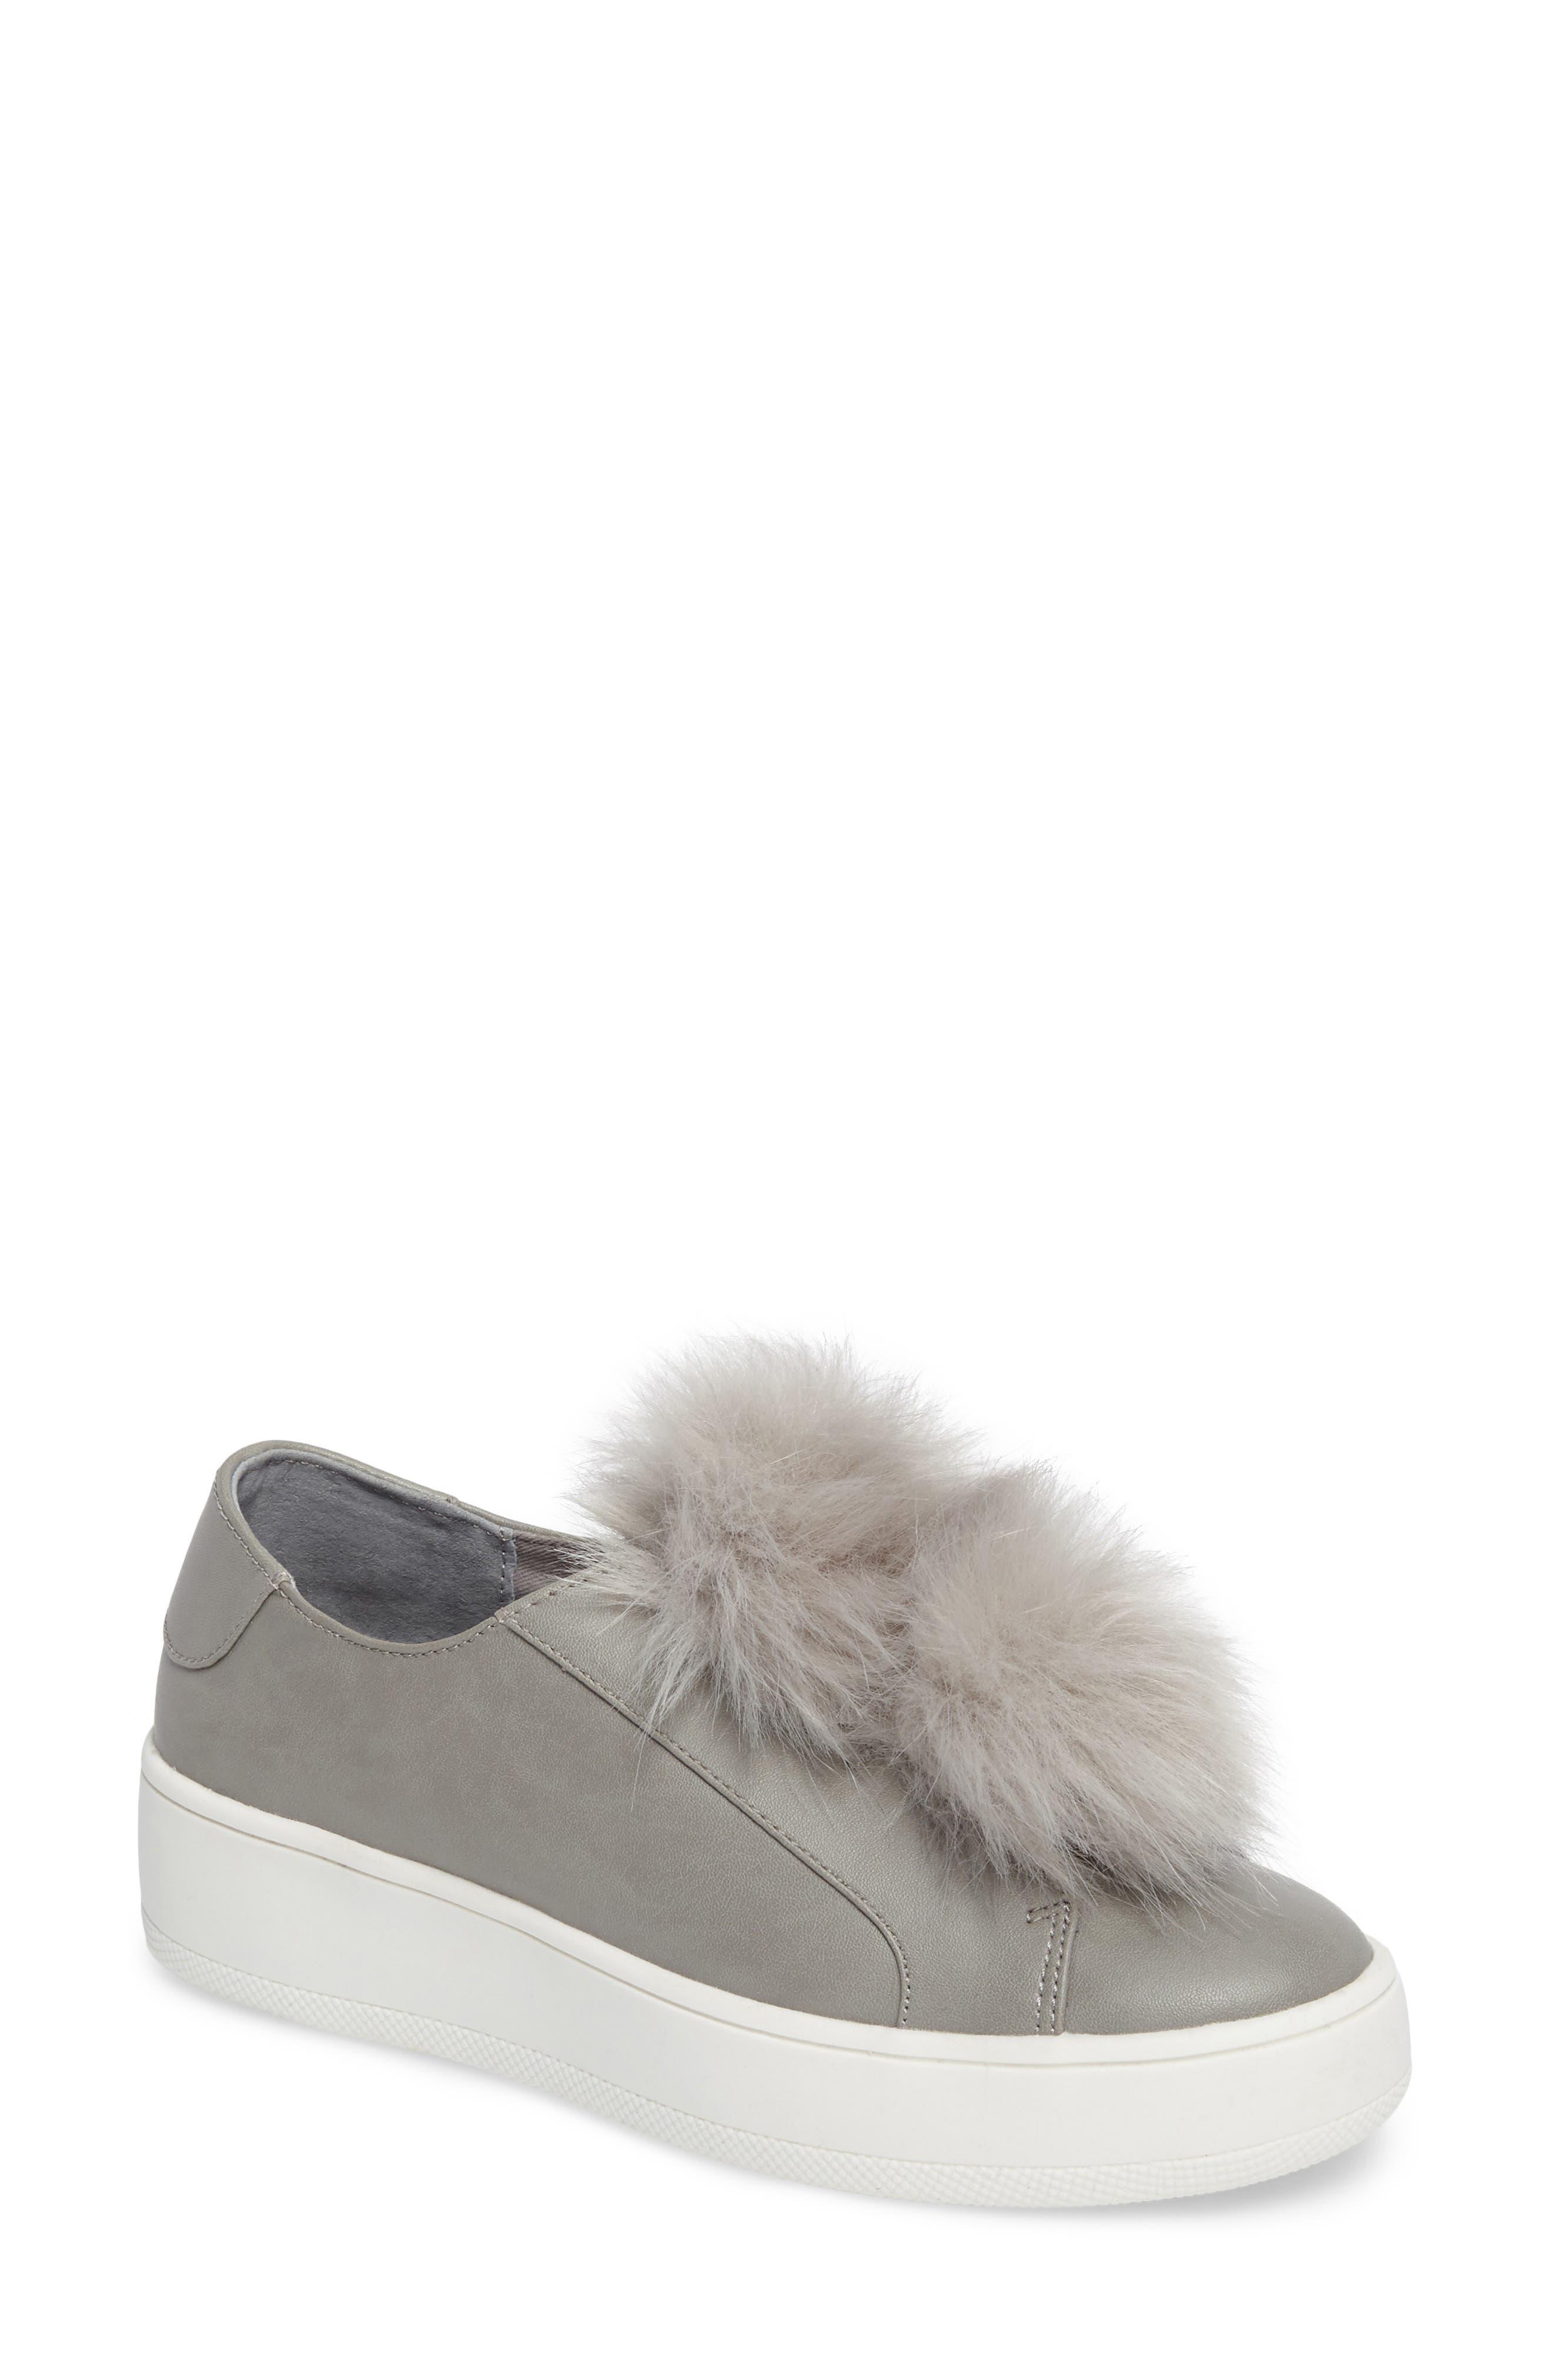 Main Image - Steve Madden Breeze Faux Fur Pom Sneaker (Women)